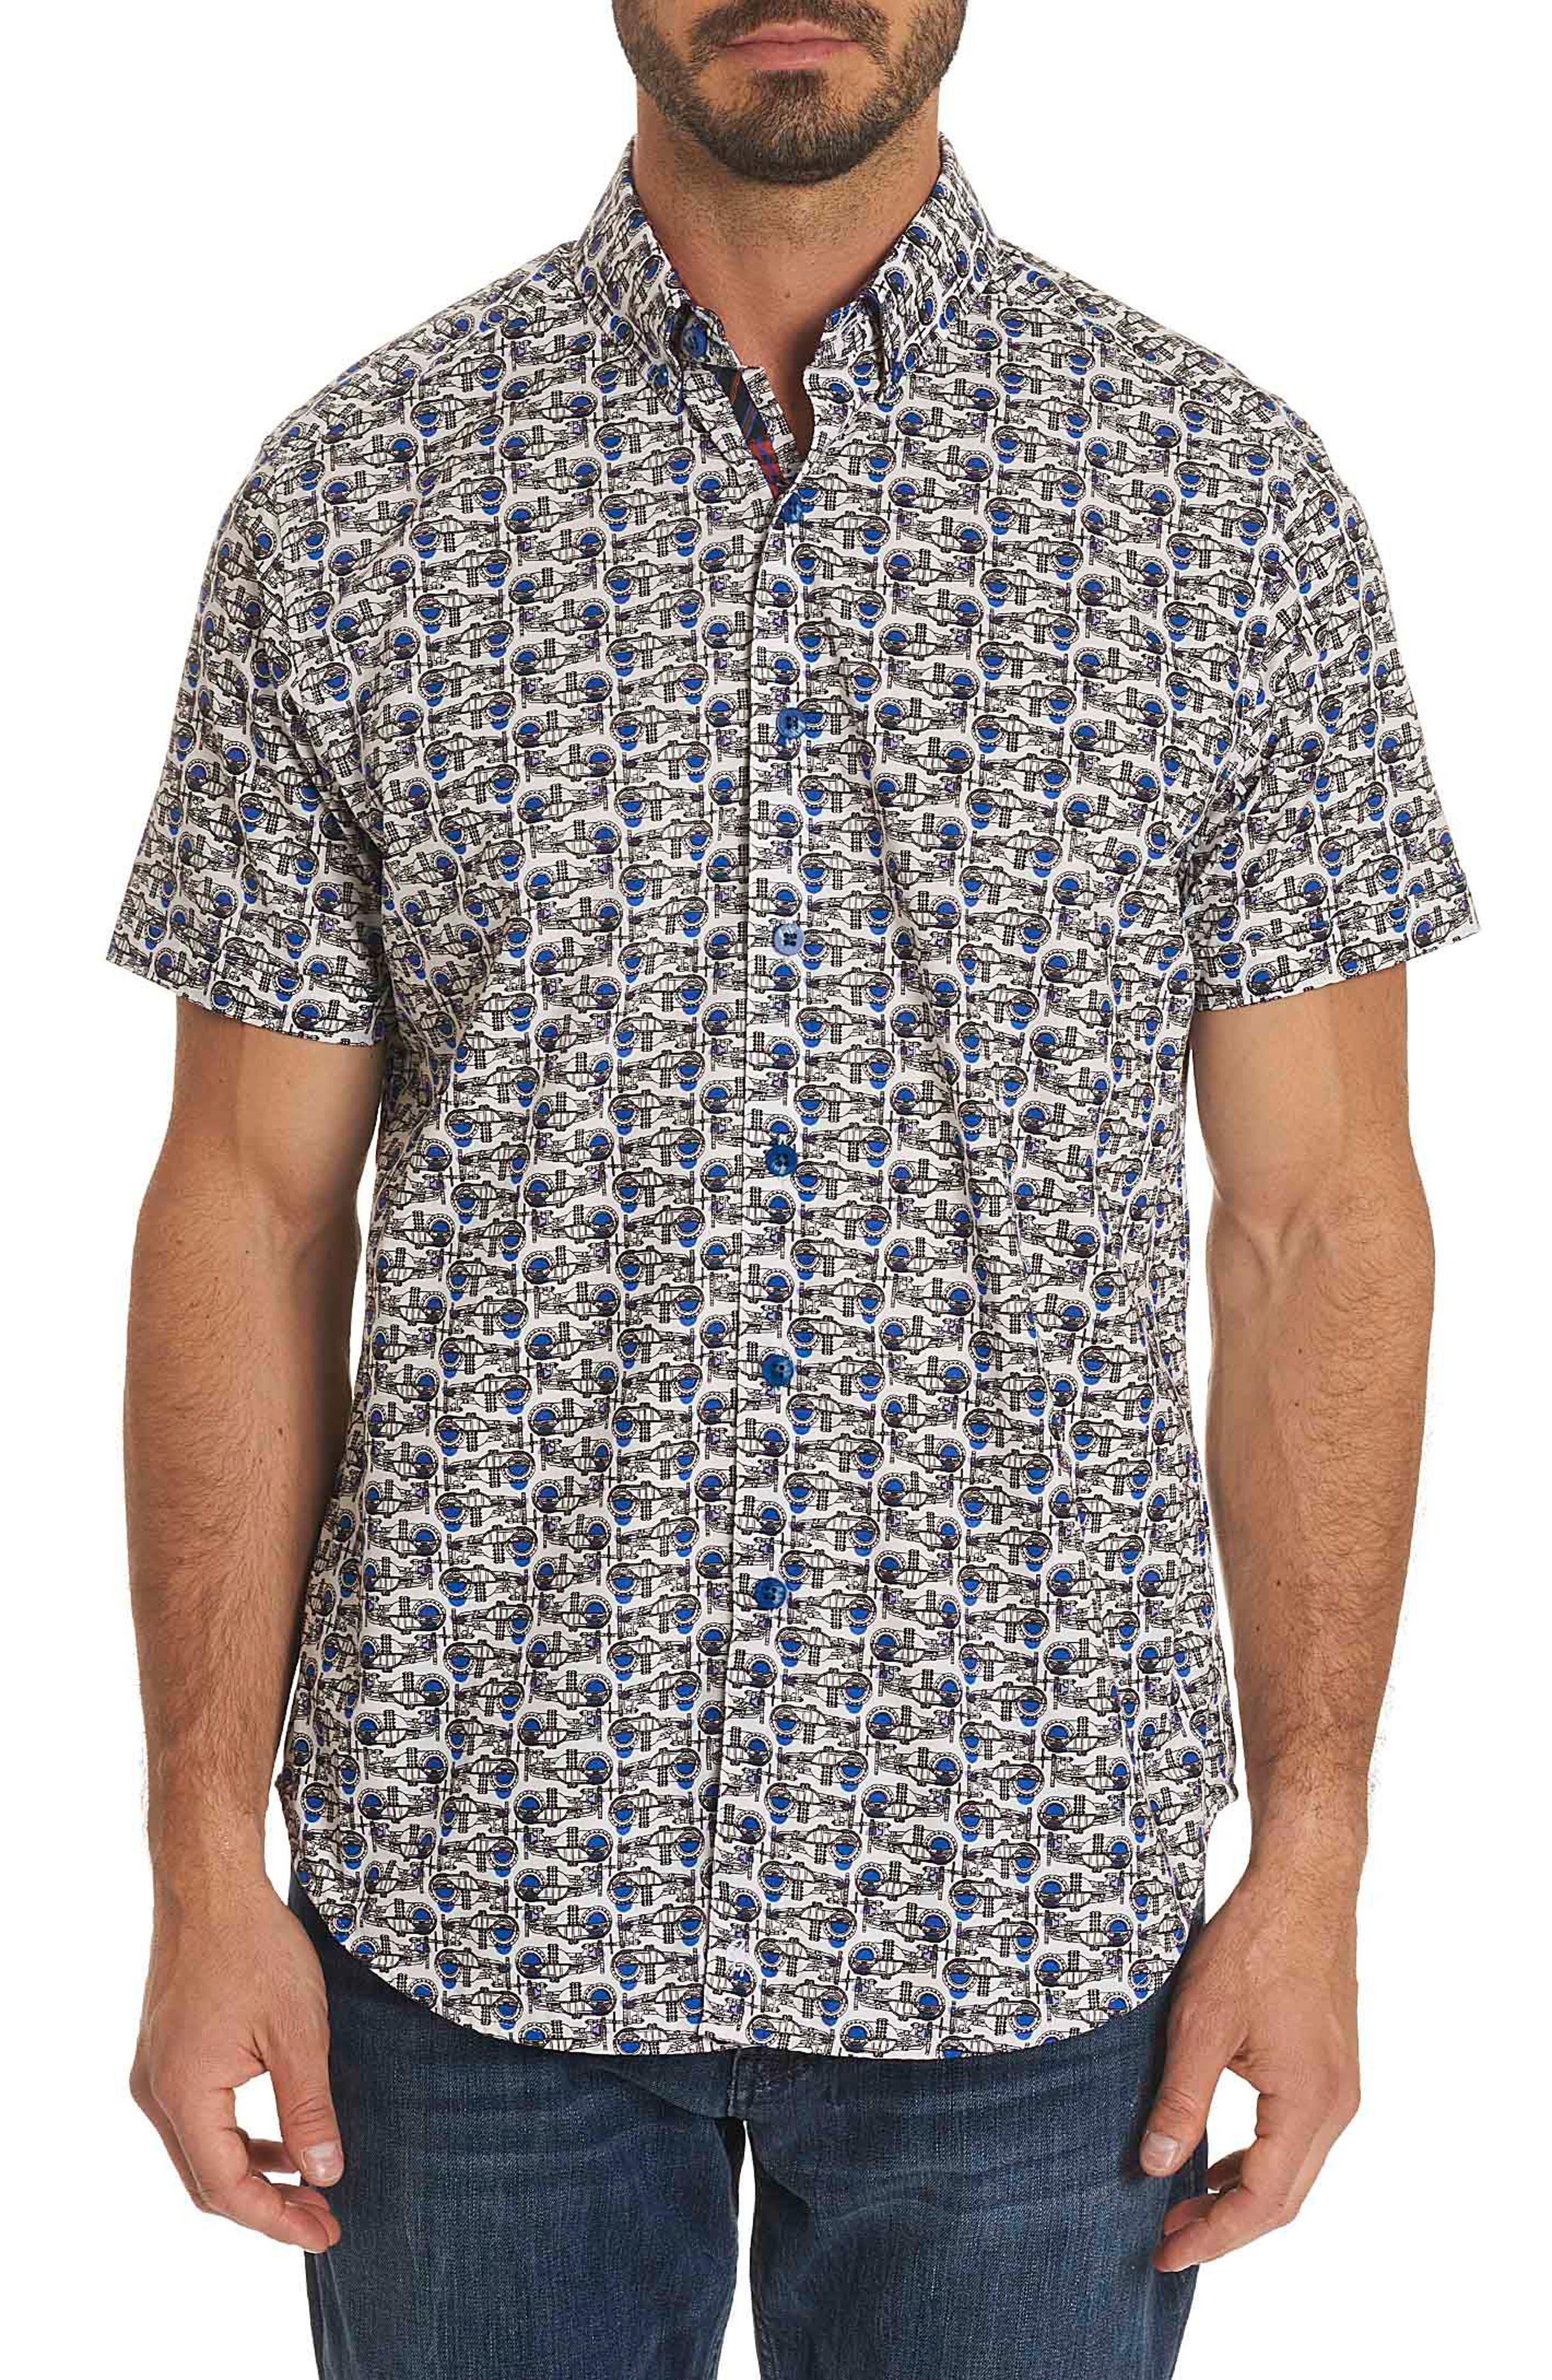 Alternate Image 1 Selected - Robert Graham Basin Classic Fit Print Sport Shirt